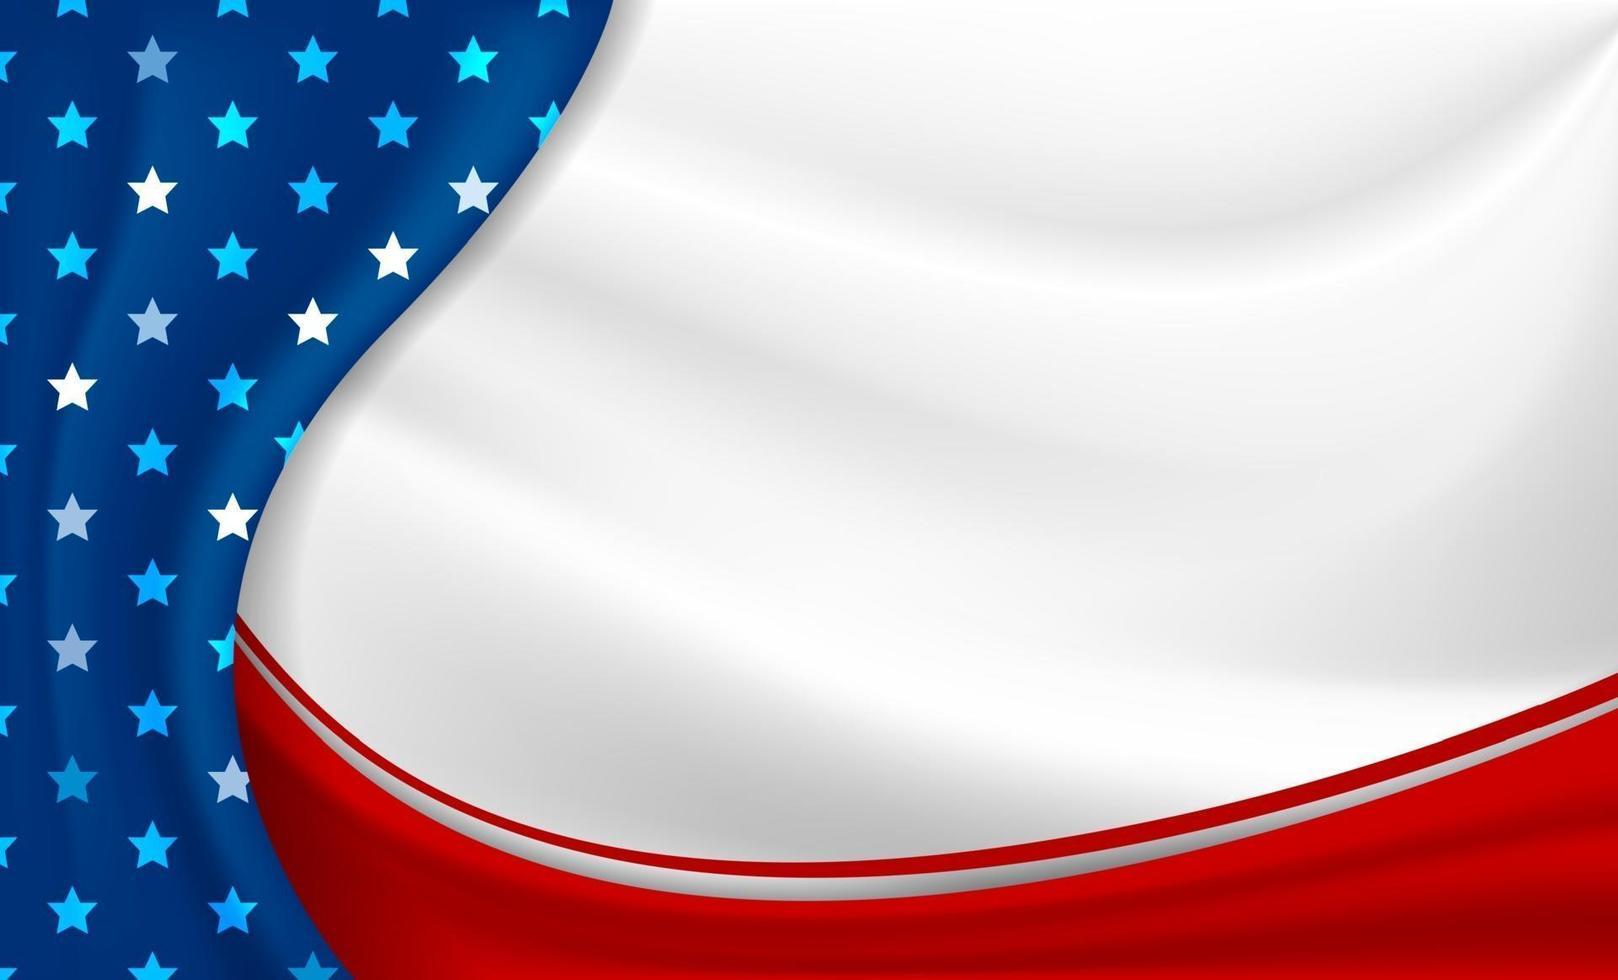 Amerika oder USA Feiertage Hintergrund 4. Juli Unabhängigkeitstag und andere Feier Vektor-Illustration vektor